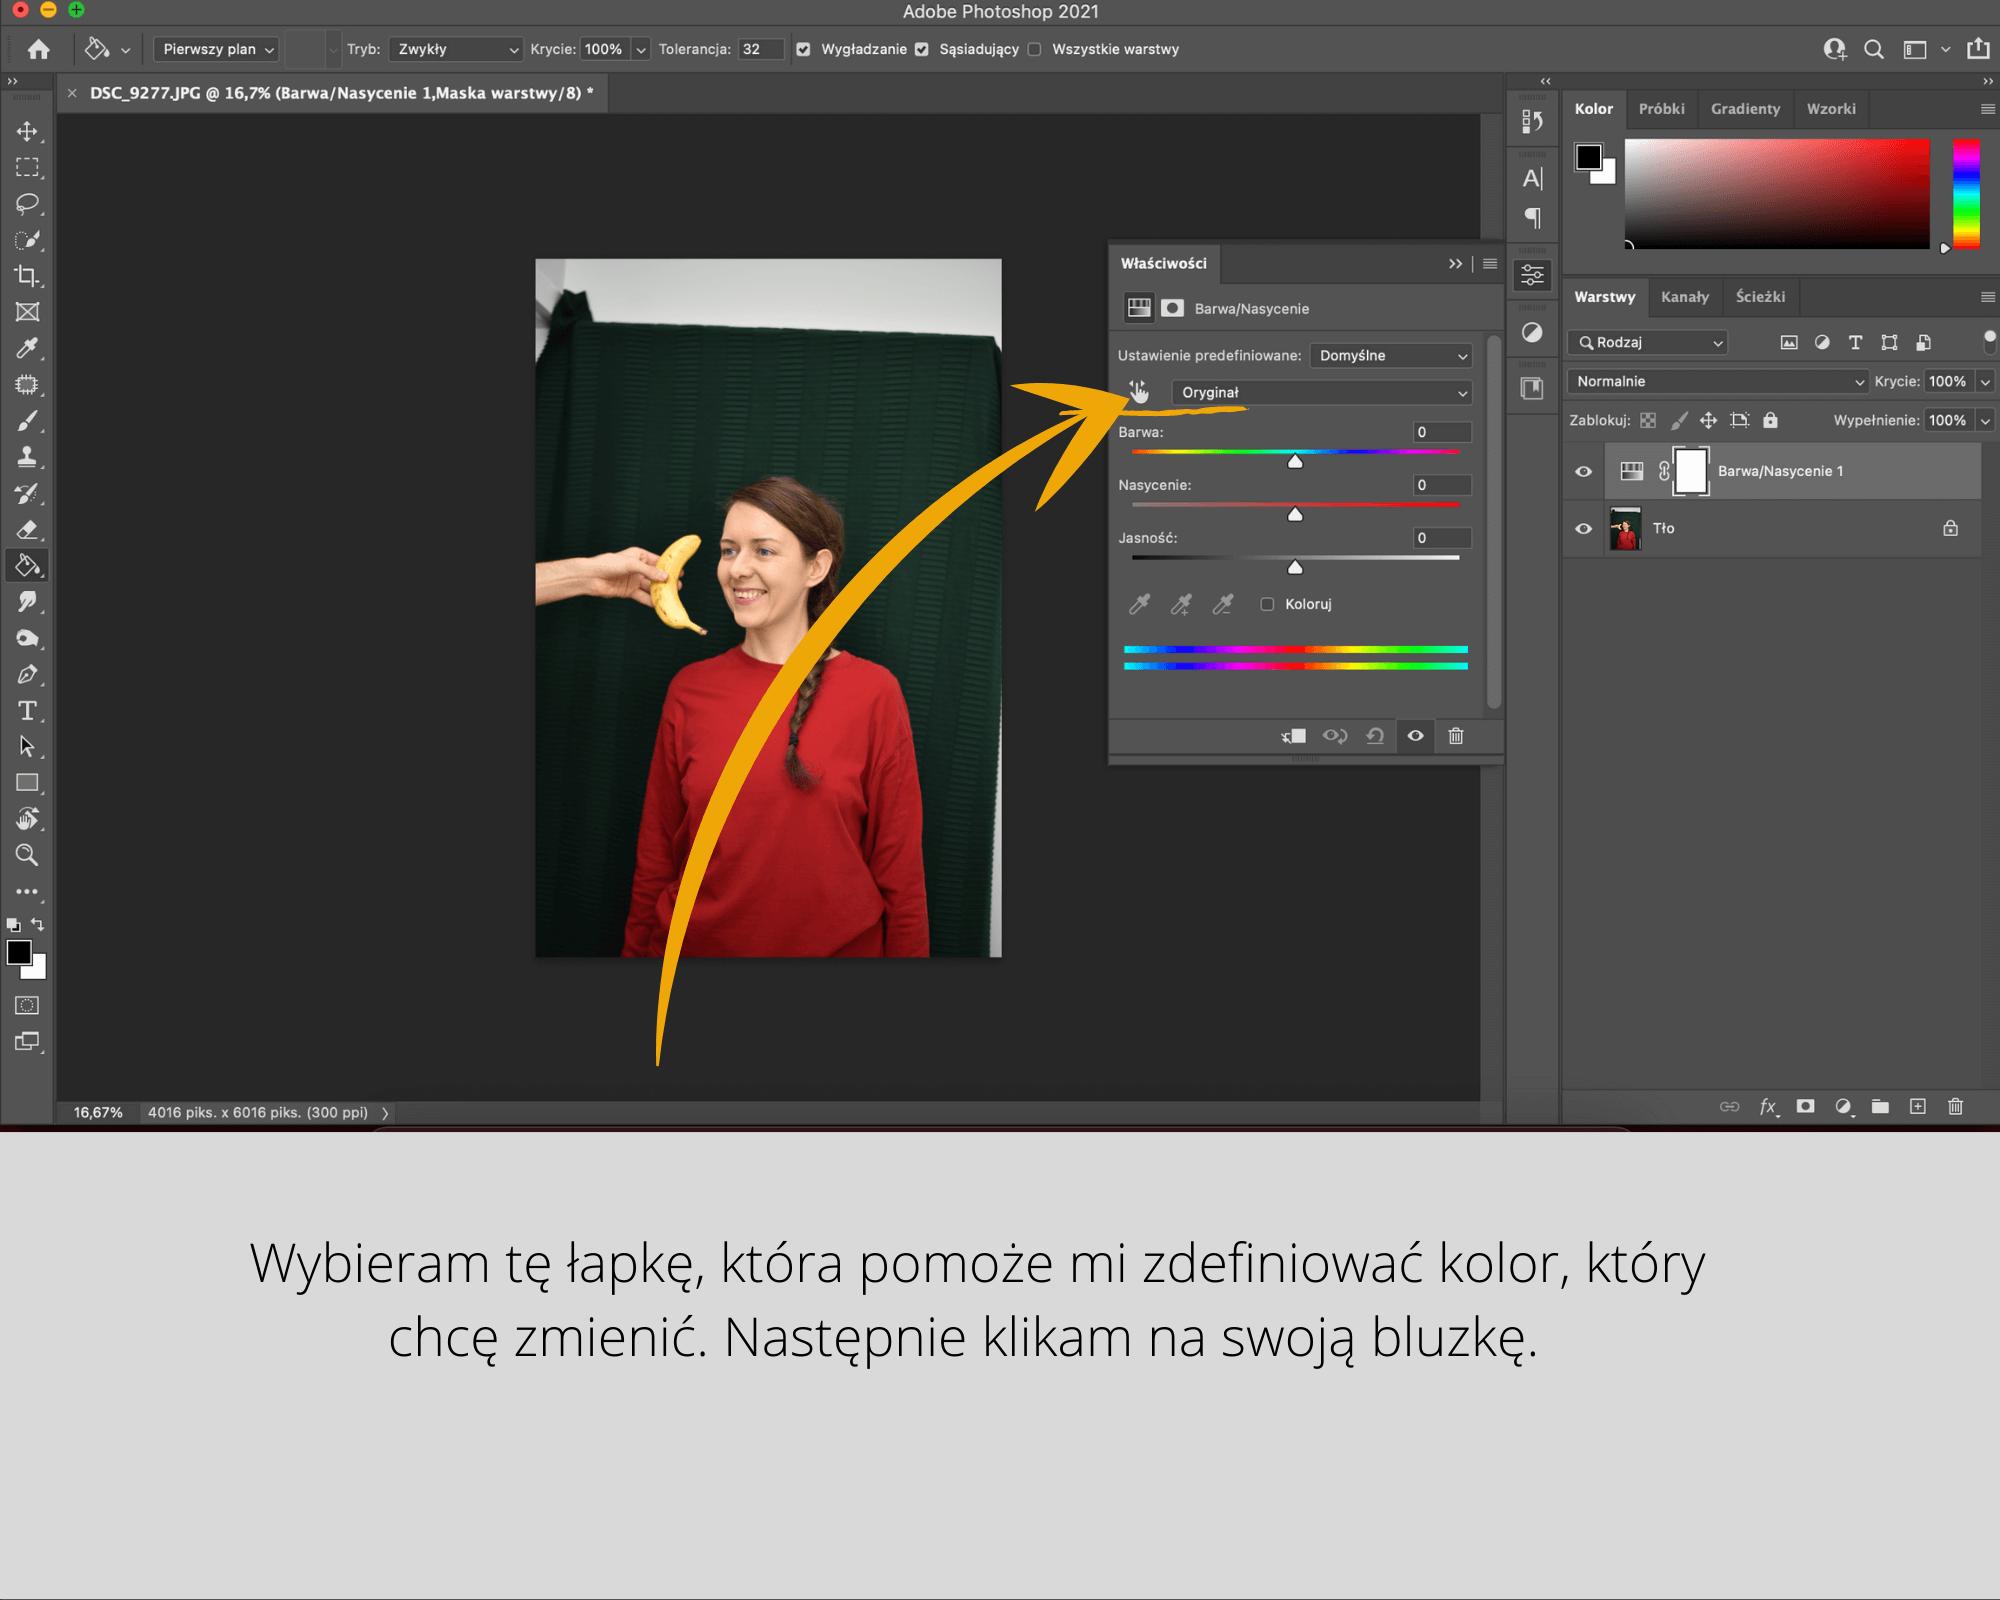 jak zmienić kolor w photoshopie